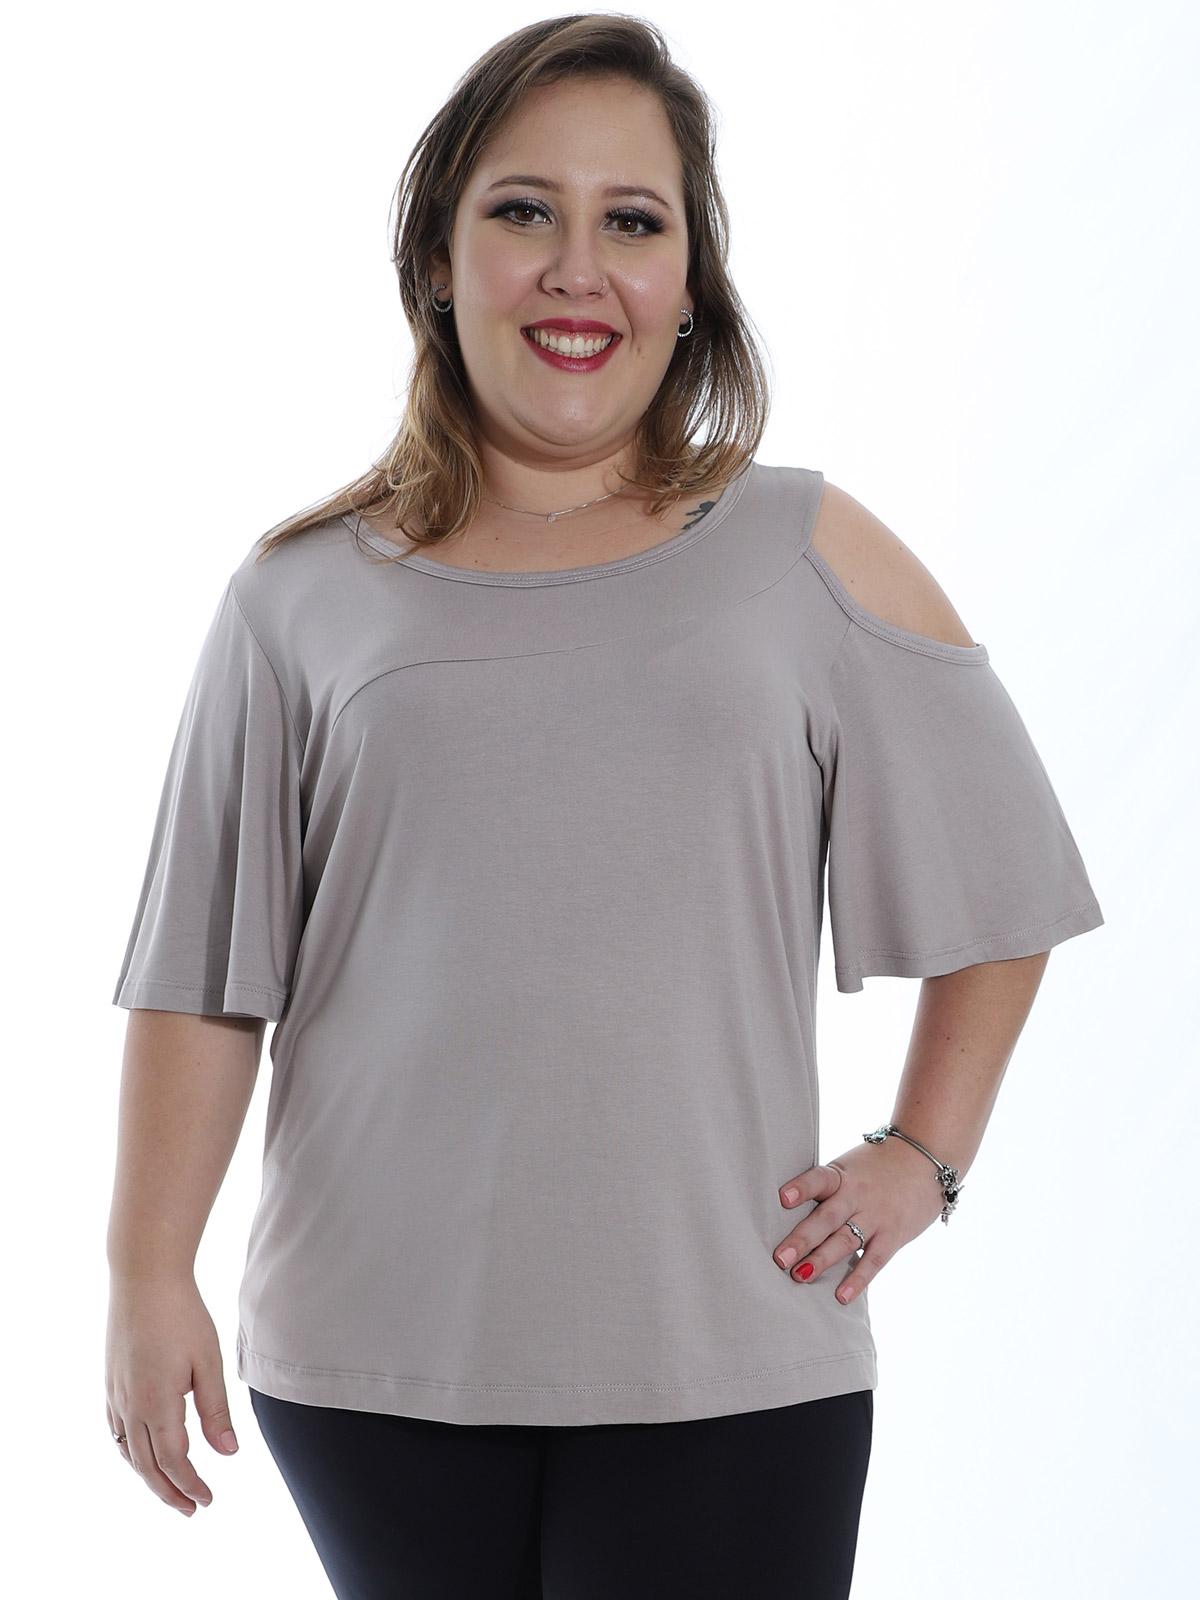 Blusa Plus Size Feminina Decote Redondo Ombro de Fora Areia